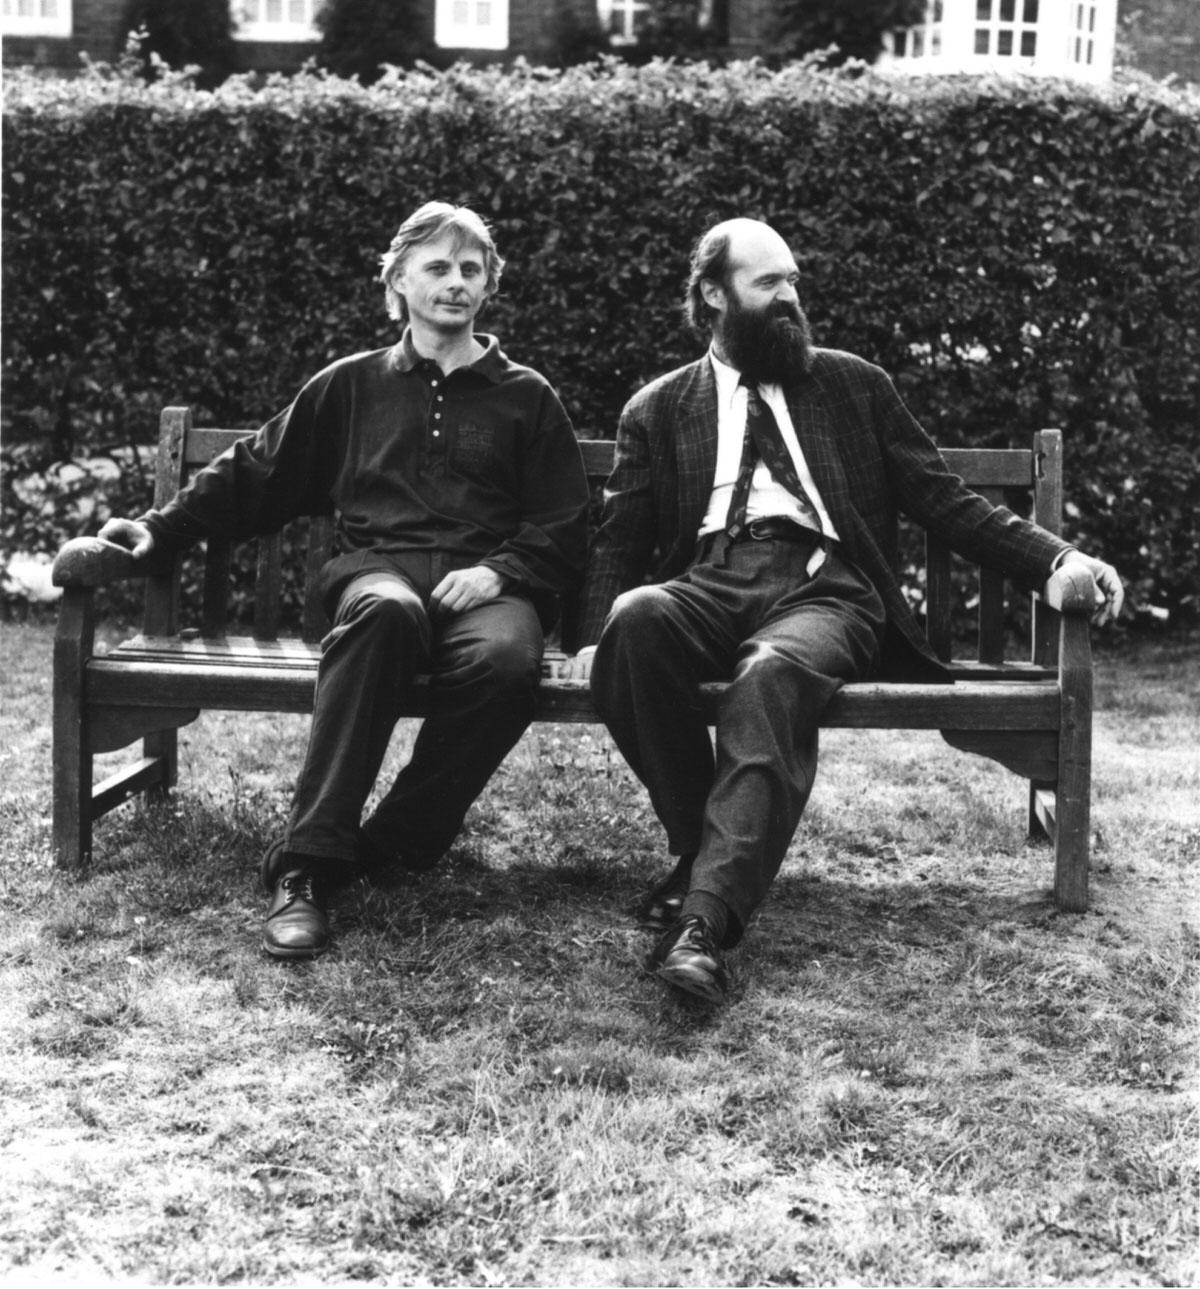 Manfred Eicher und Arvo Pärt während der Te Deum Session, Januar 1993 • Foto © Caroline Forbes